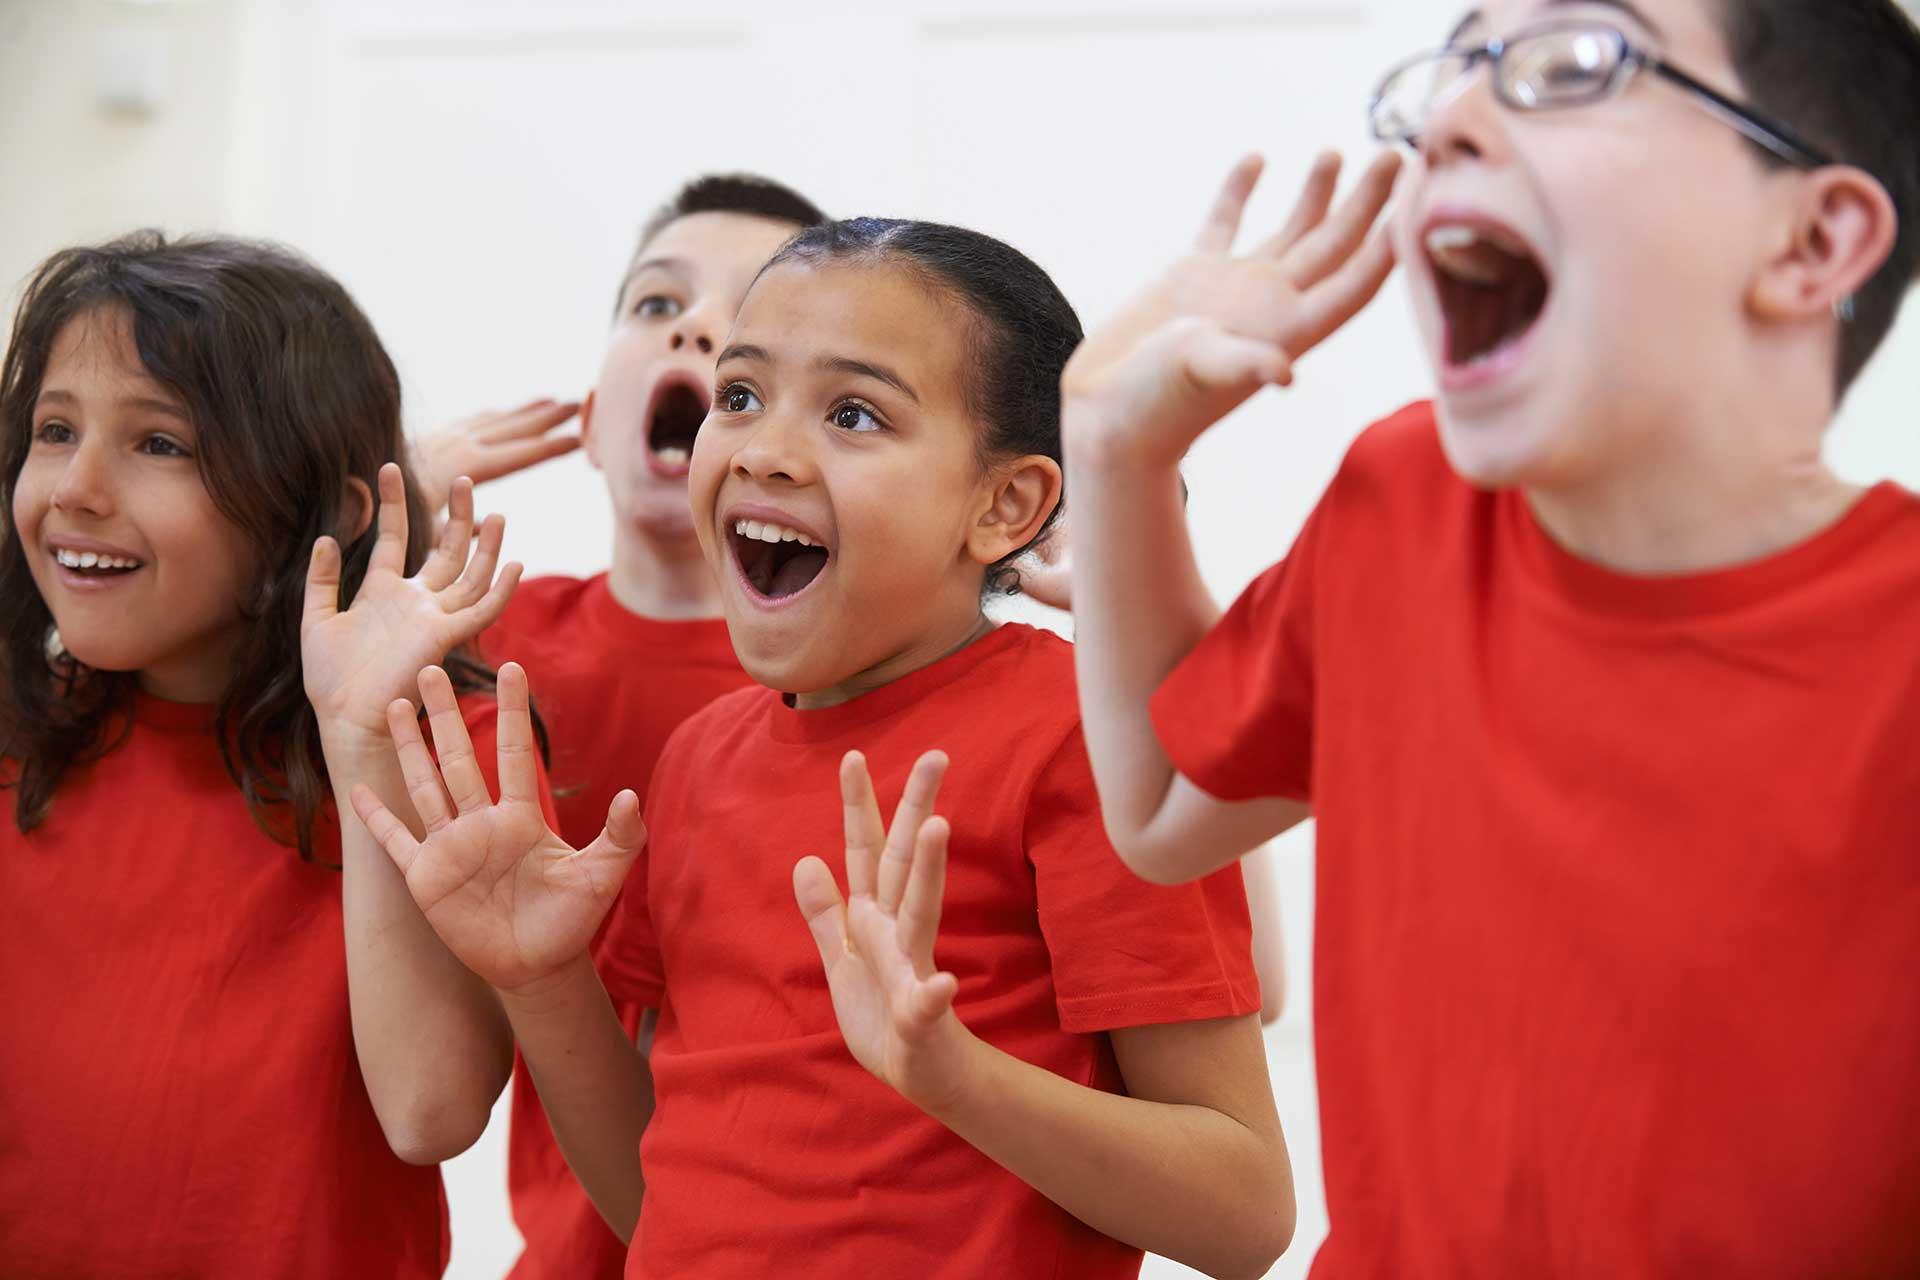 Diplomado en Pedagogía Teatral: Metodologías Aplicadas a la Educación